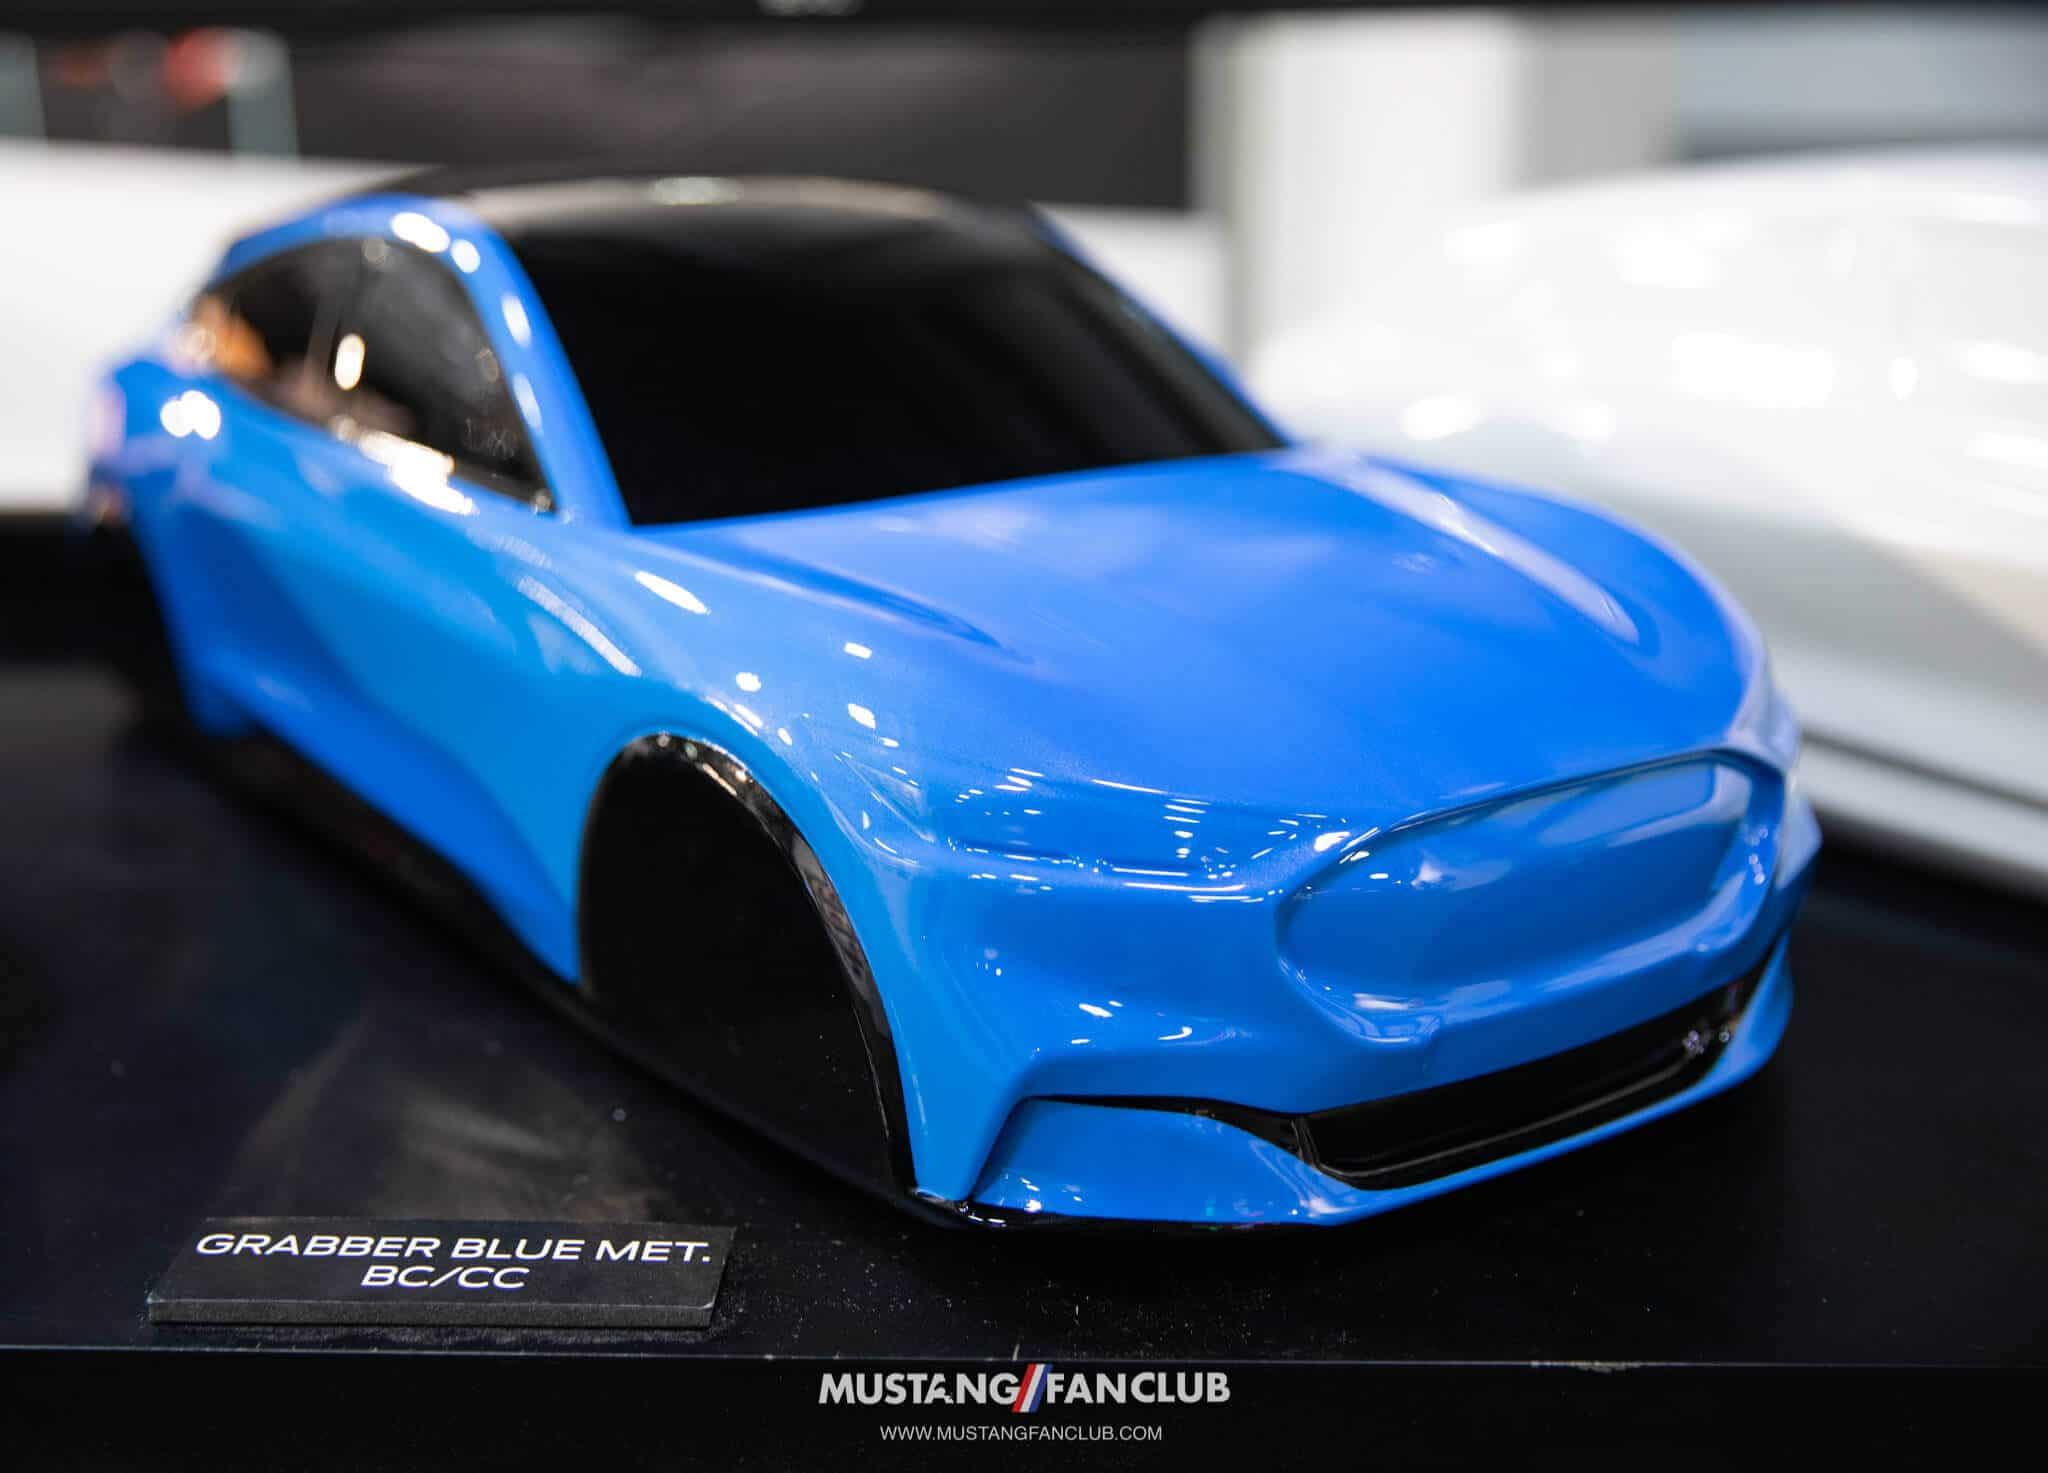 Mach E Grabber Blue Metallic